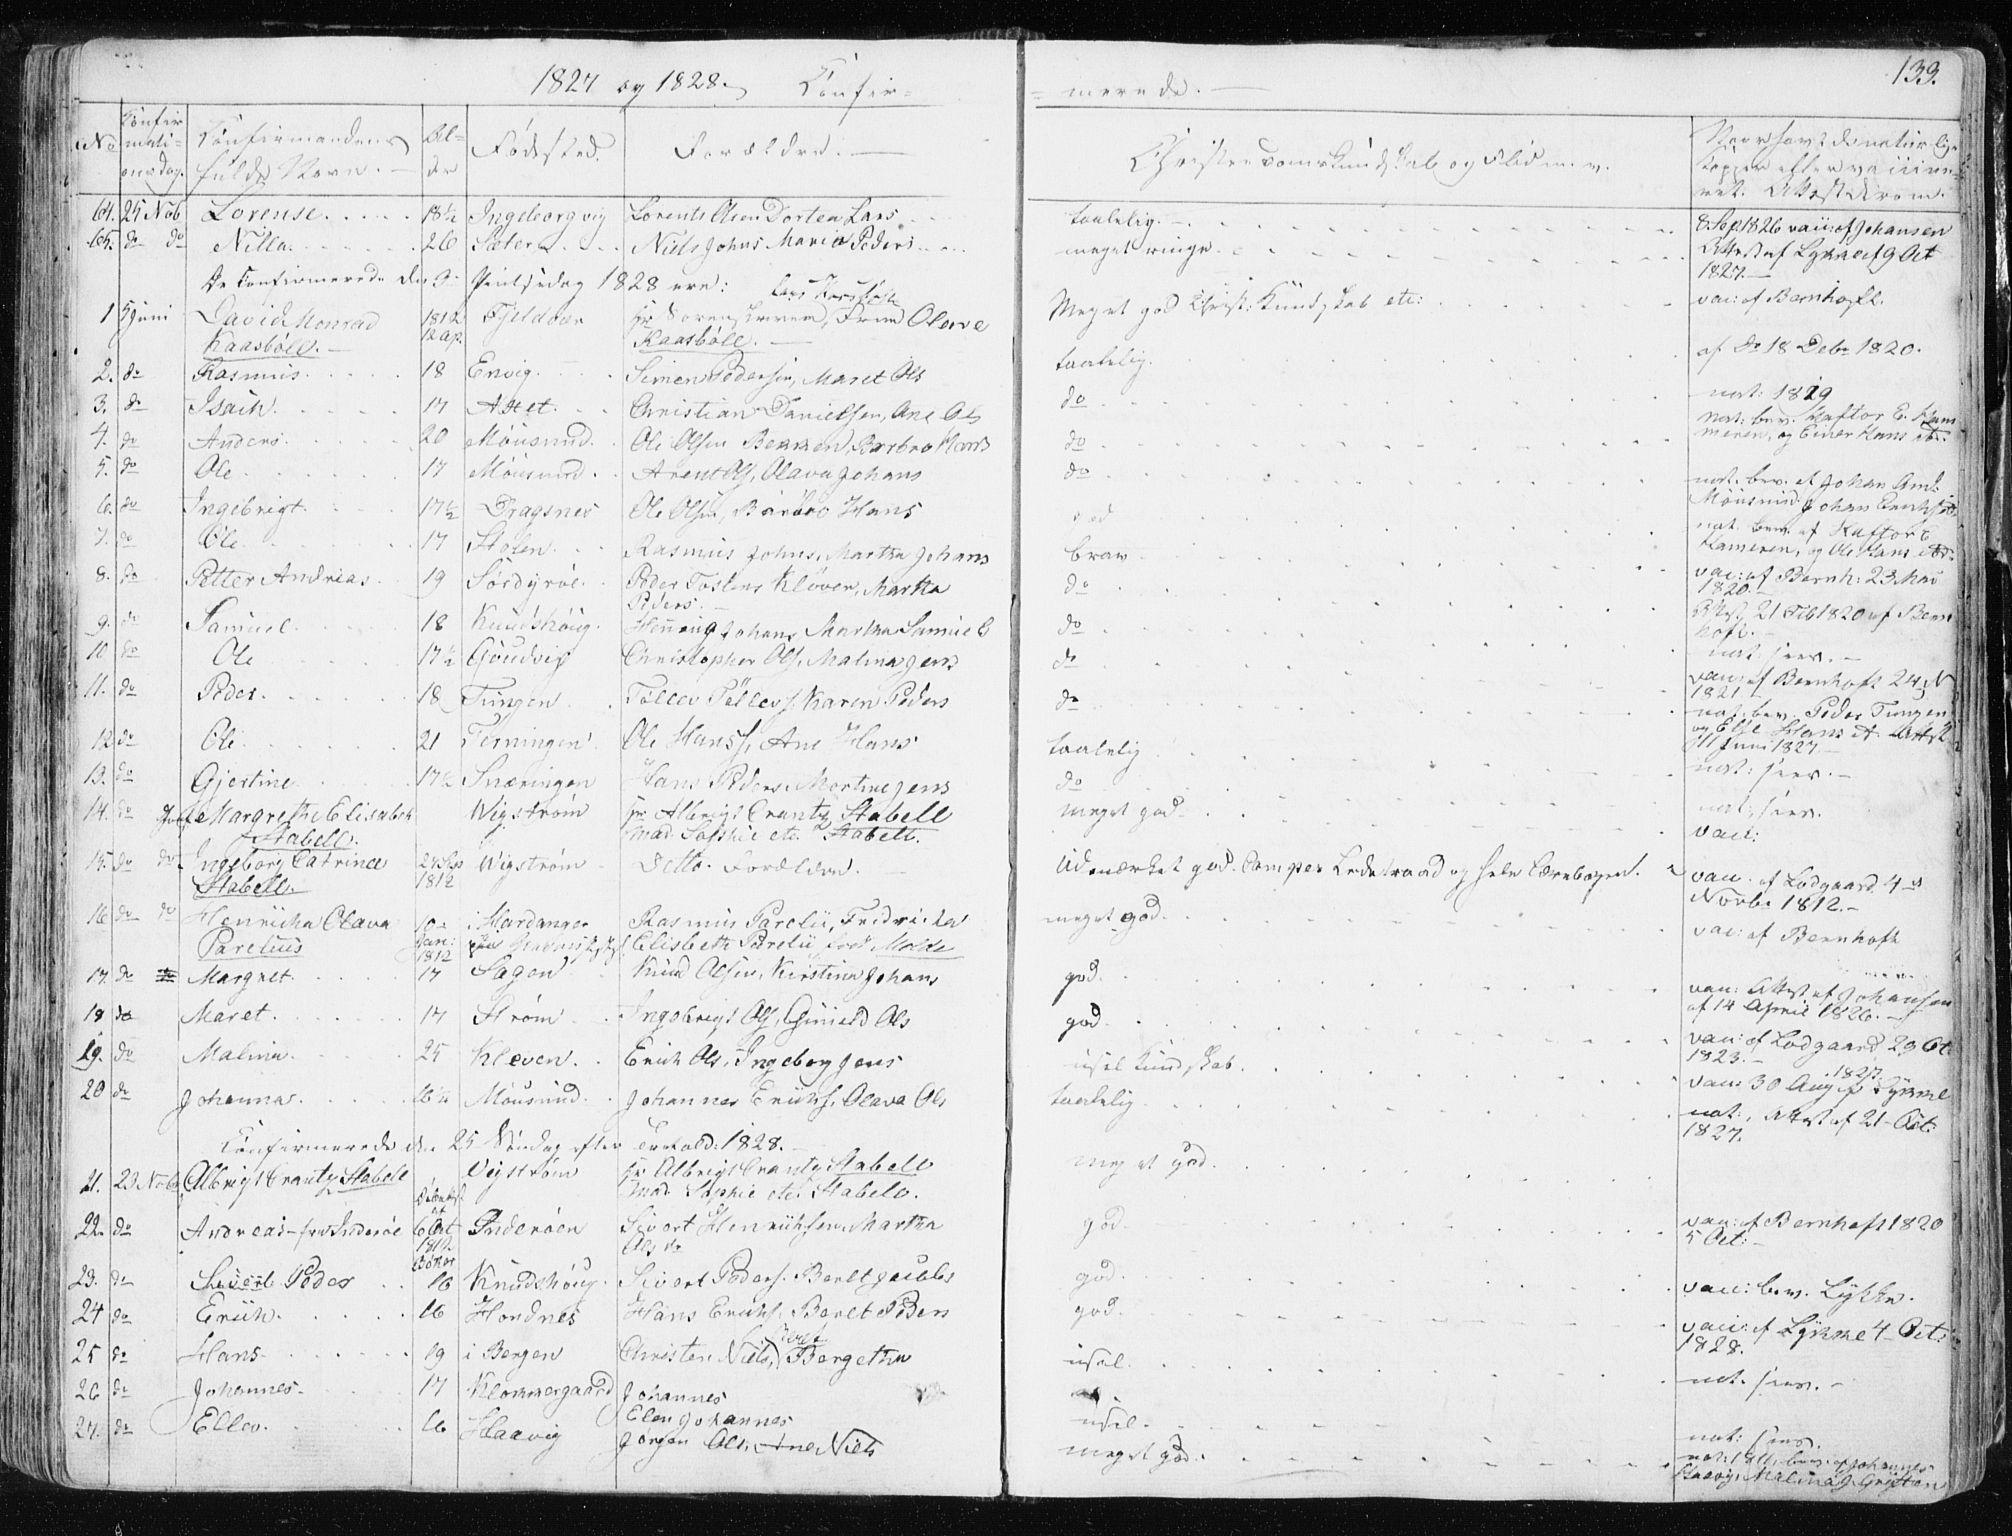 SAT, Ministerialprotokoller, klokkerbøker og fødselsregistre - Sør-Trøndelag, 634/L0528: Ministerialbok nr. 634A04, 1827-1842, s. 133